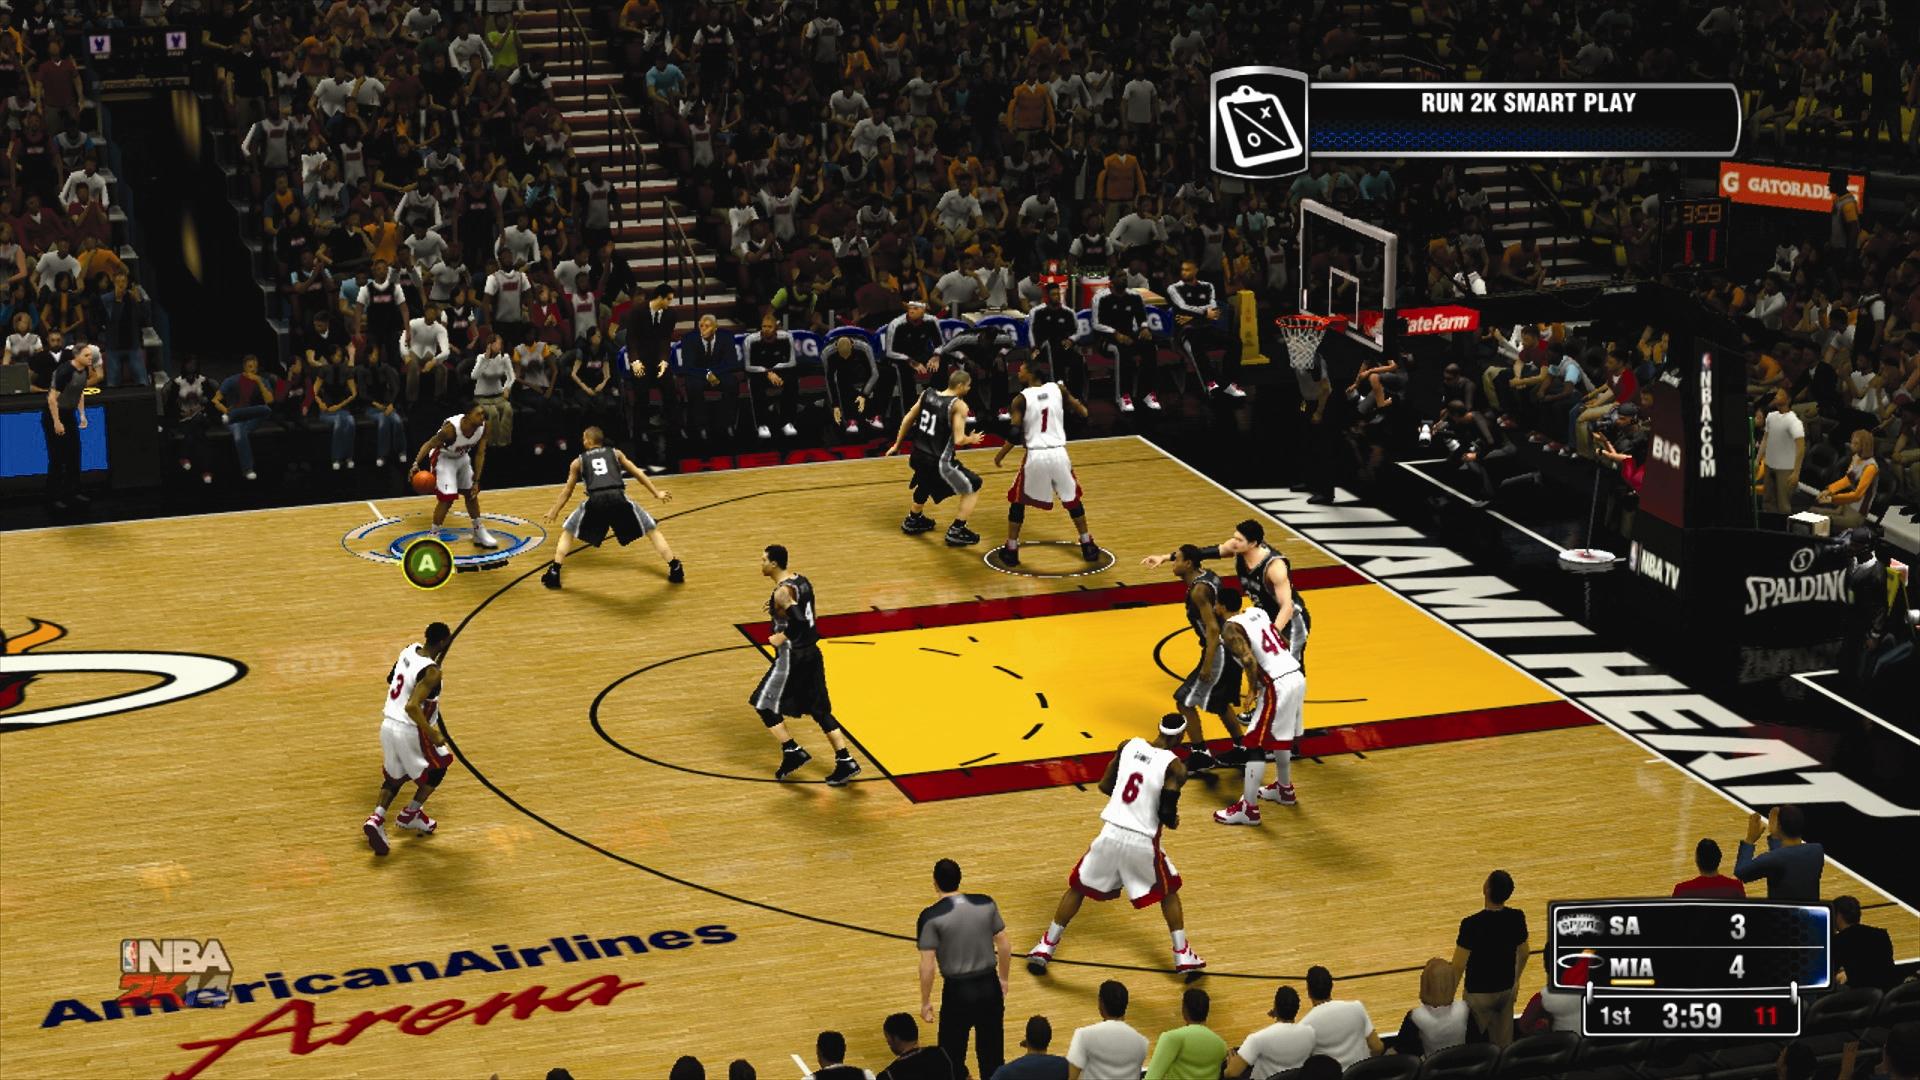 NBA 2K14 Chat